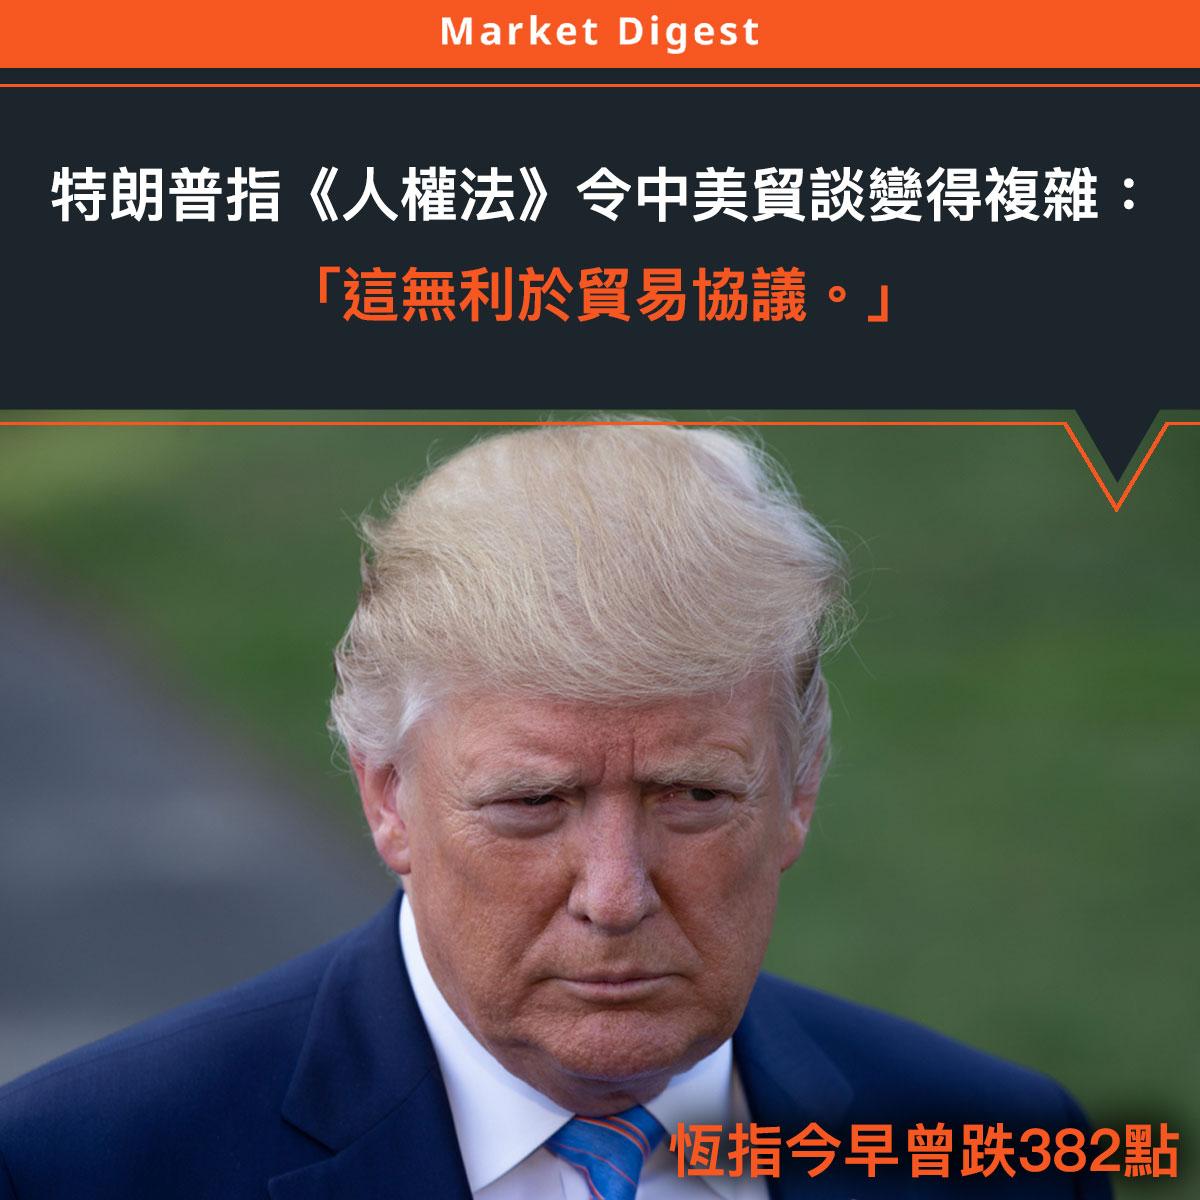 【中美貿易戰】特朗普指《人權法》令中美貿談變得複雜:「這無利於協議。」